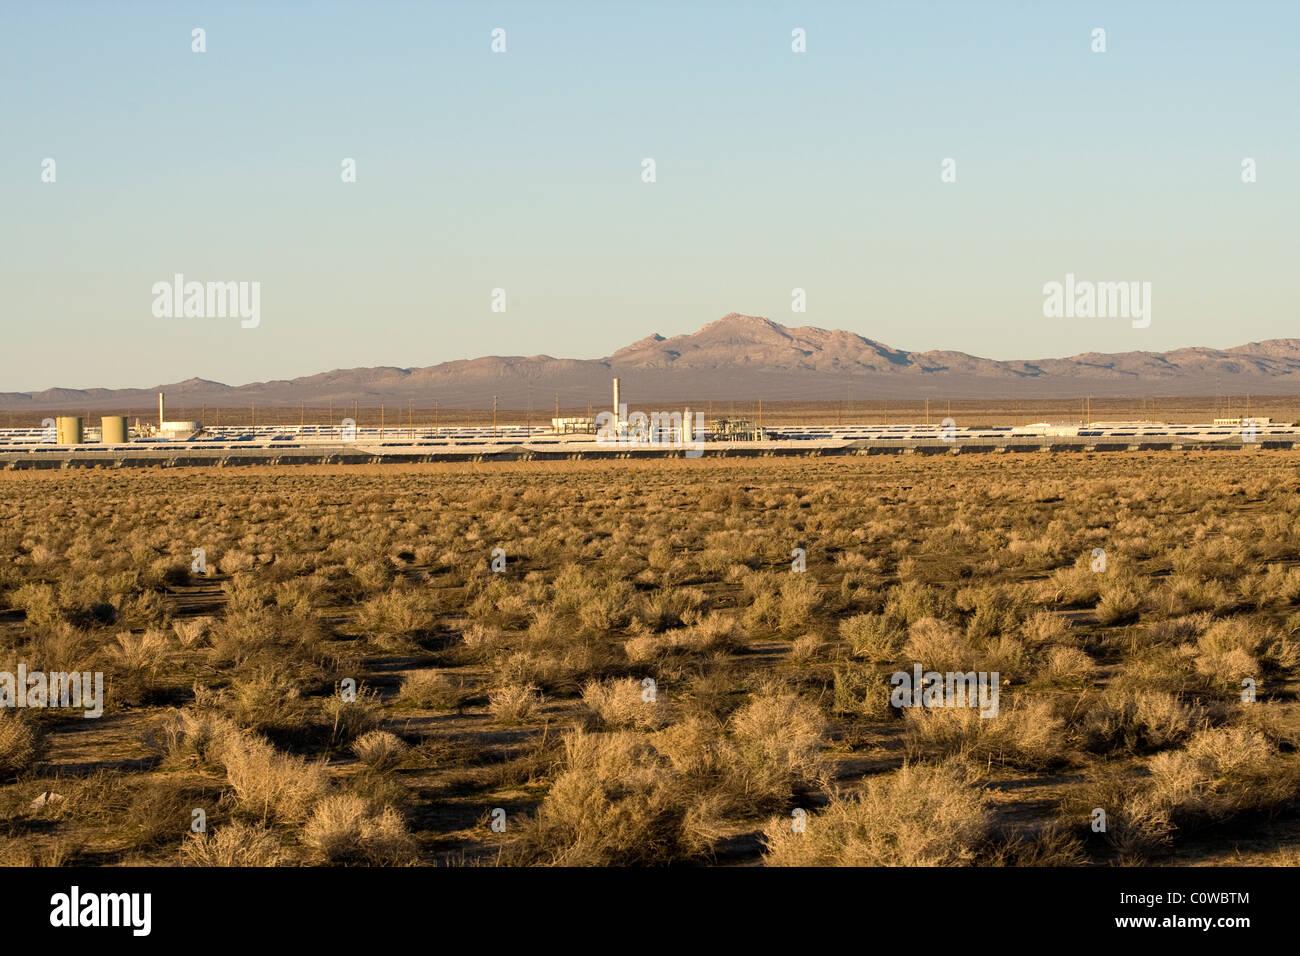 Granja de energía de paneles solares en el desierto de Mojave, en California. Imagen De Stock